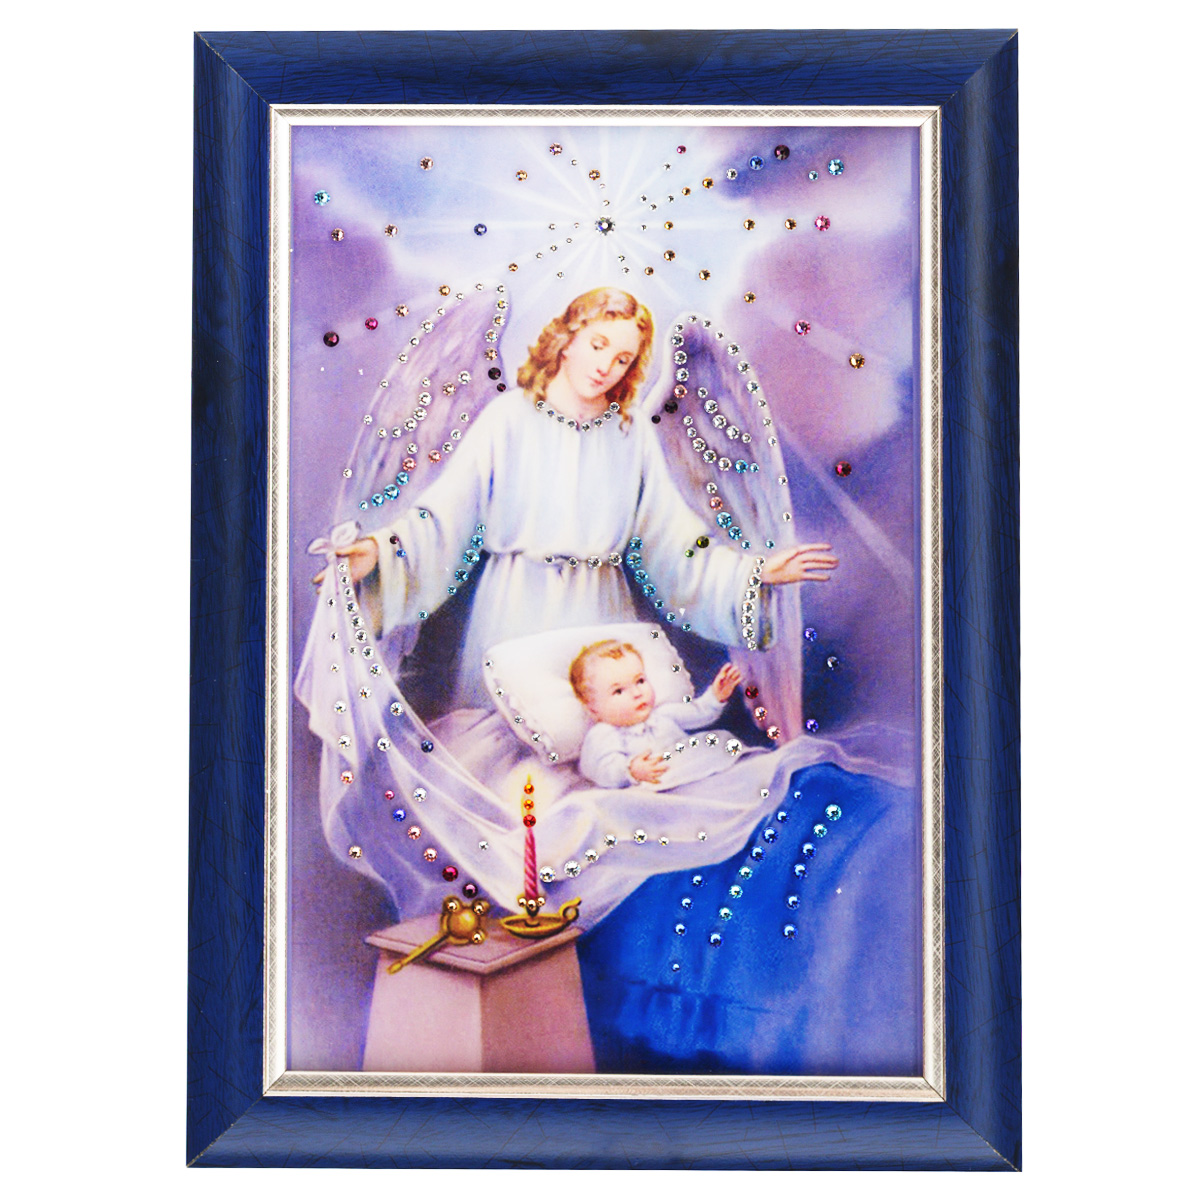 Картина с кристаллами Swarovski Ангел-защитник, 25 см х 35 смled4040-02Изящная картина в багетной раме, инкрустирована кристаллами Swarovski, которые отличаются четкой и ровной огранкой, ярким блеском и чистотой цвета. Красочное изображение ангелочка и ребенка, расположенное под стеклом, прекрасно дополняет блеск кристаллов. С обратной стороны имеется металлическая проволока для размещения картины на стене. Картина с кристаллами Swarovski Ангел-защитник элегантно украсит интерьер дома или офиса, а также станет прекрасным подарком, который обязательно понравится получателю. Блеск кристаллов в интерьере, что может быть сказочнее и удивительнее. Картина упакована в подарочную картонную коробку синего цвета и комплектуется сертификатом соответствия Swarovski.